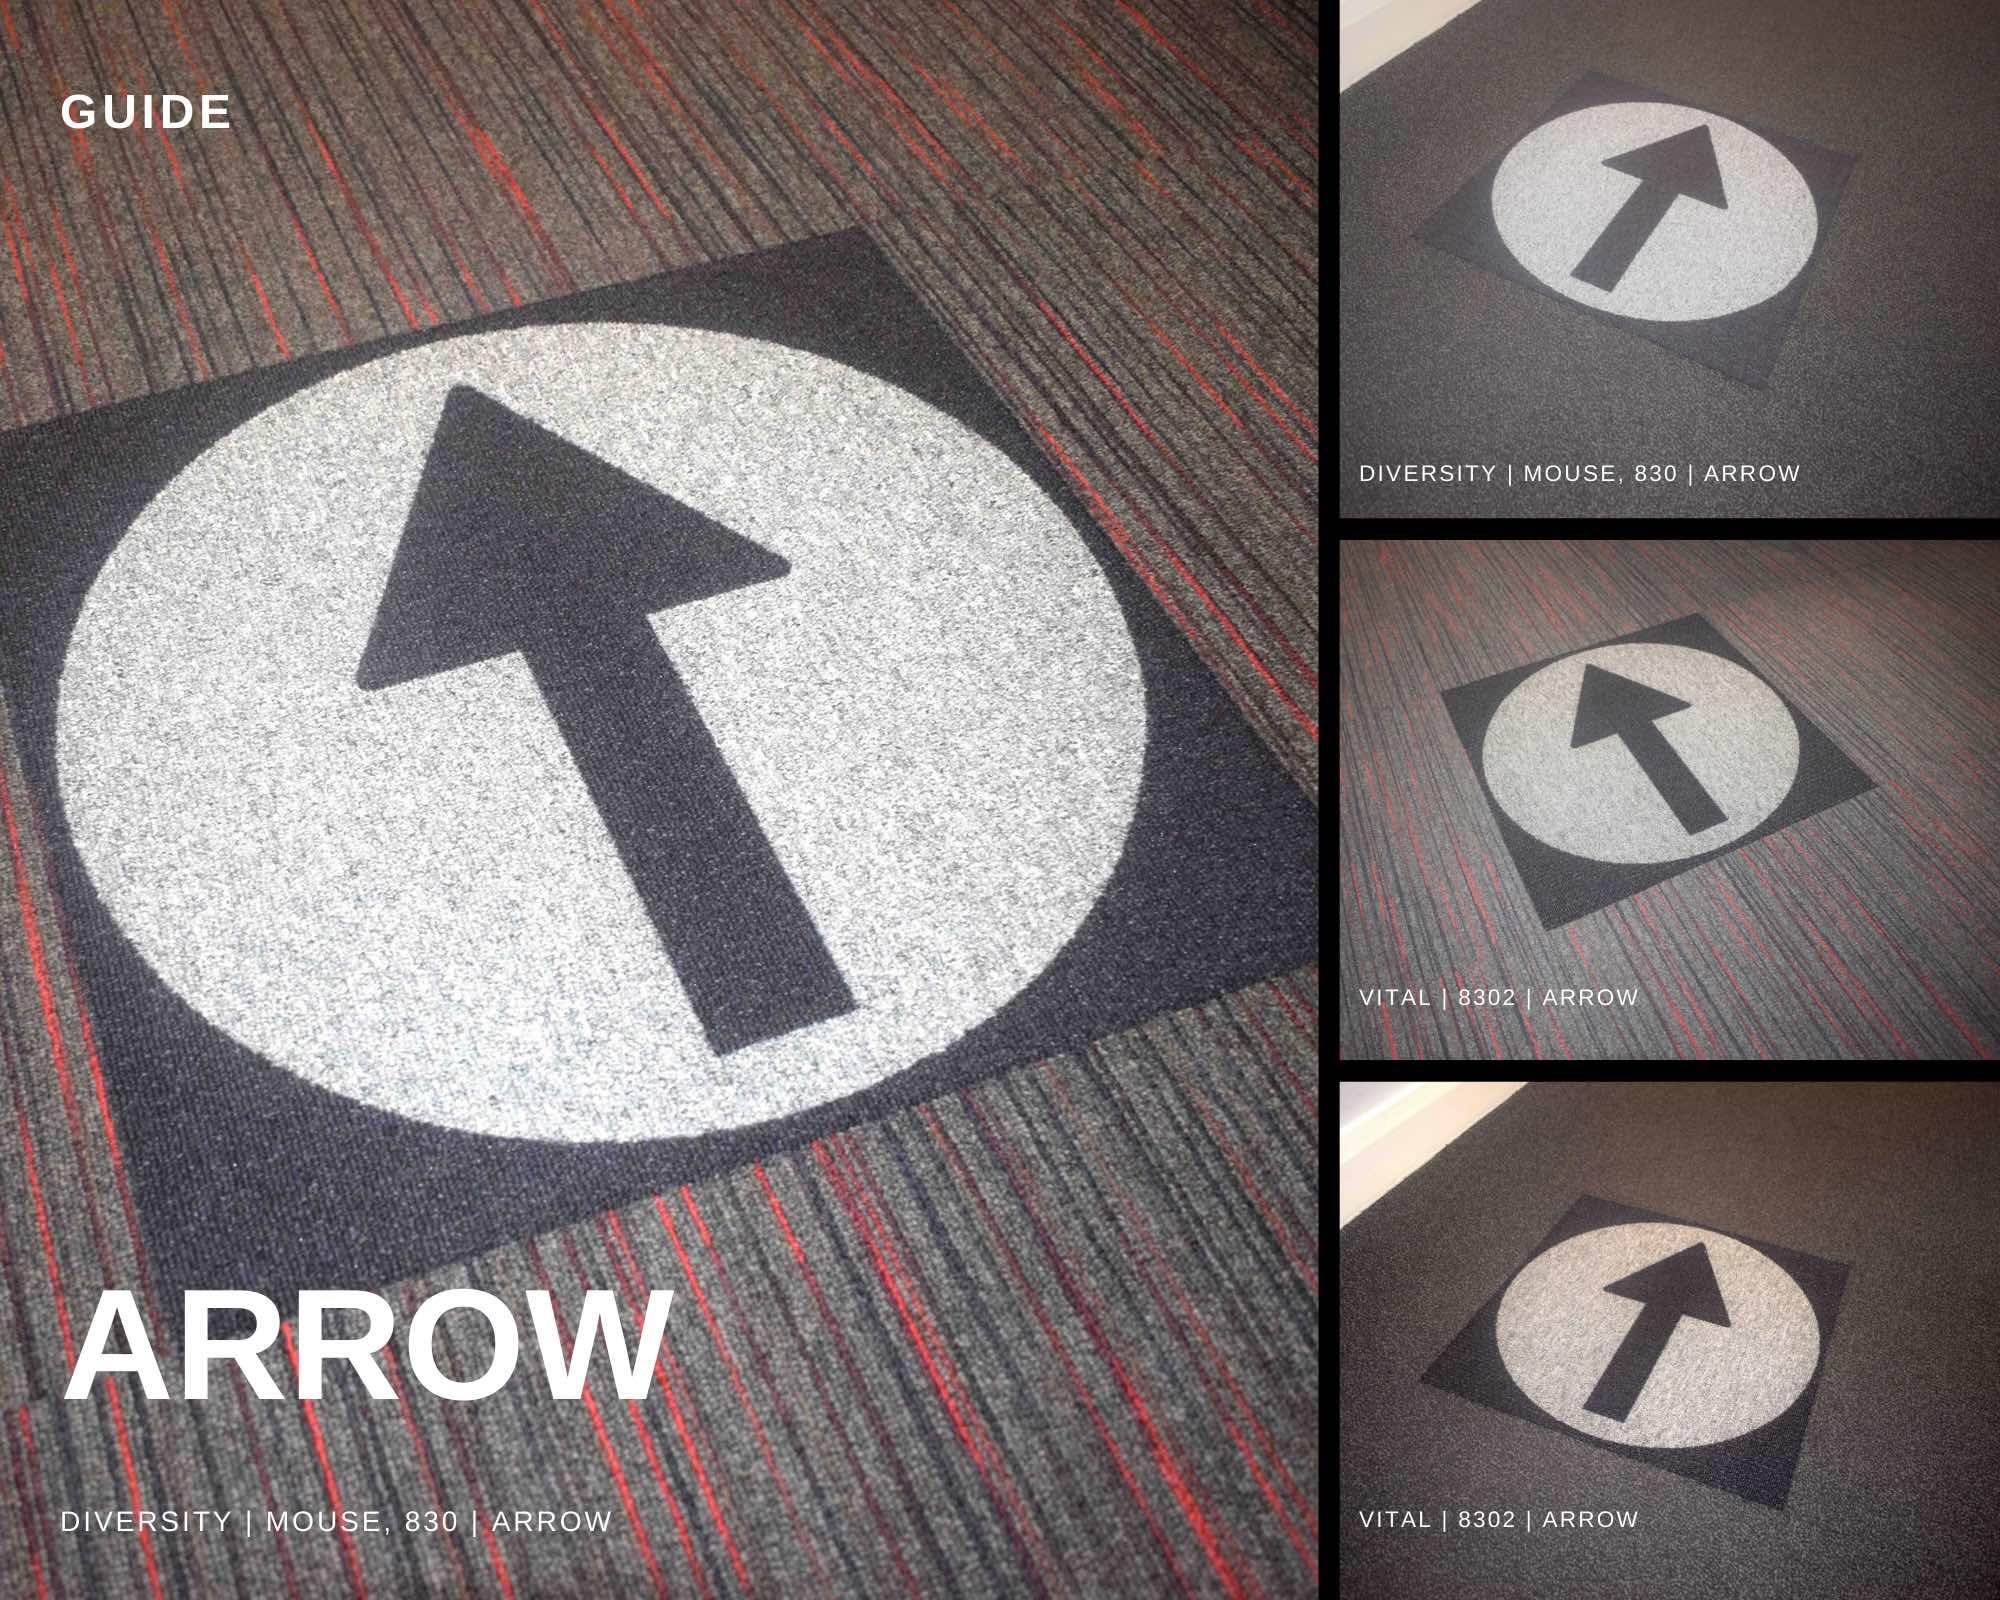 Paragon Carpet Tiles   Social Distancing Carpet Tiles   Guide   Product Collage Image   Arrow